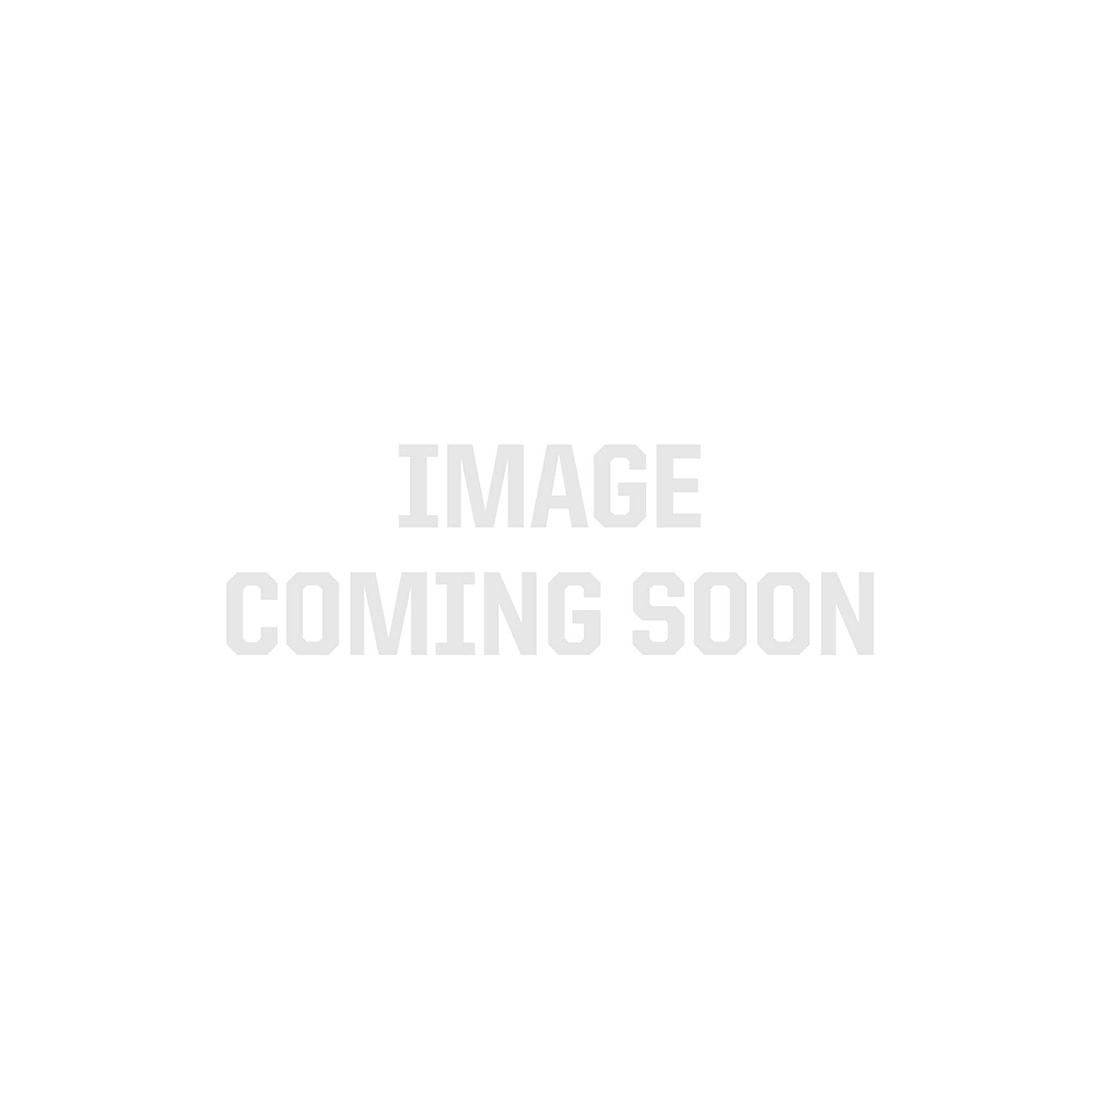 EdgeLight LED Light Bar - 10×55 Degree - 6,500K - 610mm